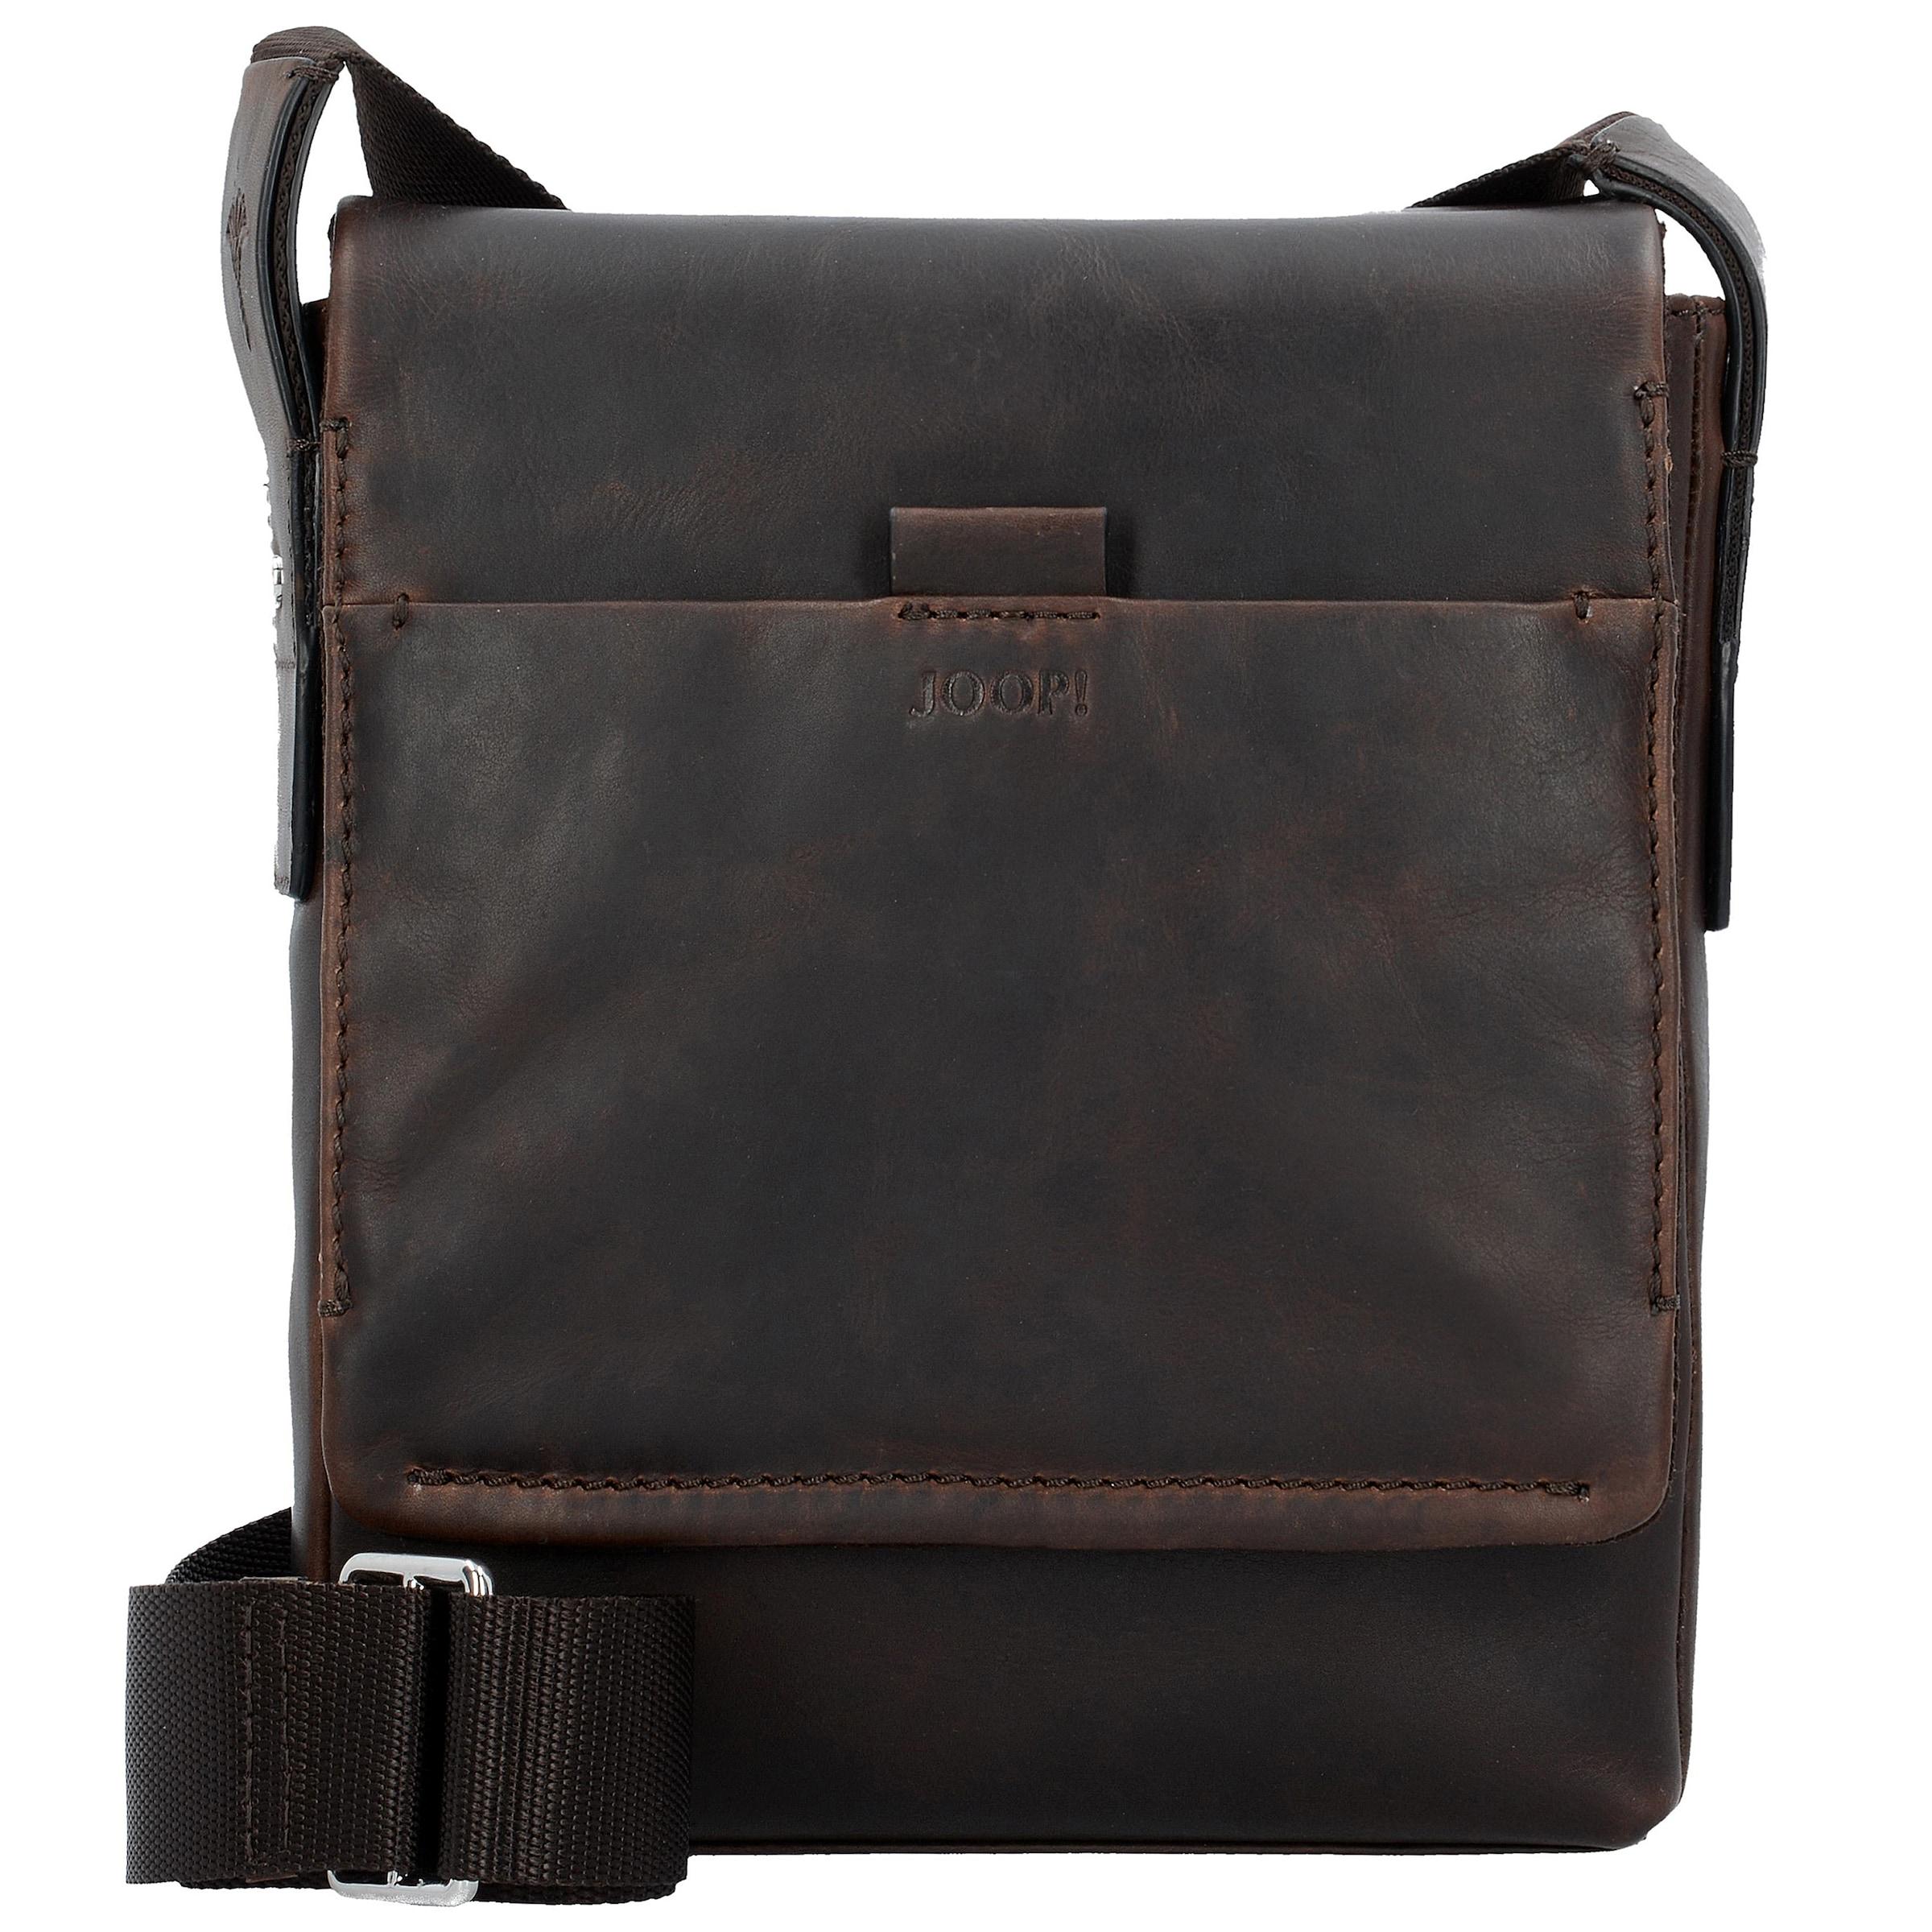 Billige Versorgung Sehr Günstig JOOP! 'Bonola' Mini Bag Umhängetasche Leder 20 cm Sneakernews Zum Verkauf Verkauf Erstaunlicher Preis Günstiger Online-Shop 6NsvSMiCO6